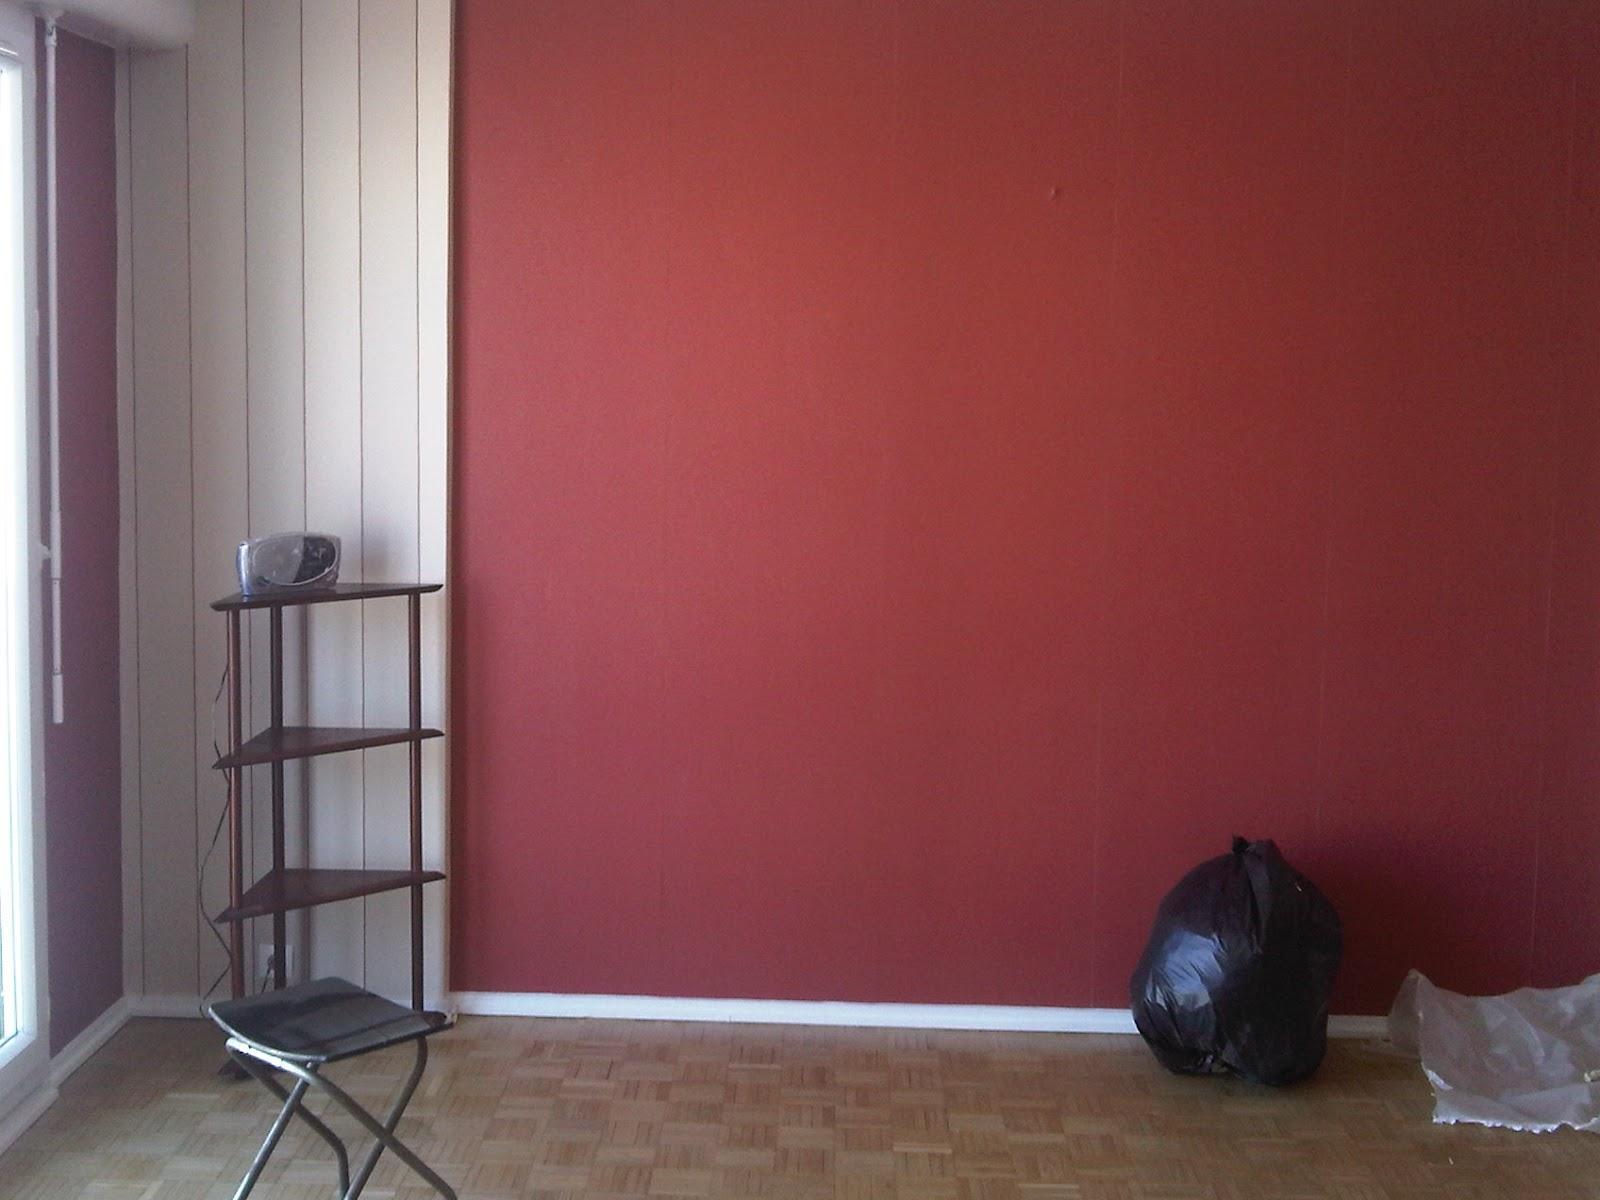 demandez votre devis de peinture en toute connaissance de cause a paris 75 ile de france. Black Bedroom Furniture Sets. Home Design Ideas